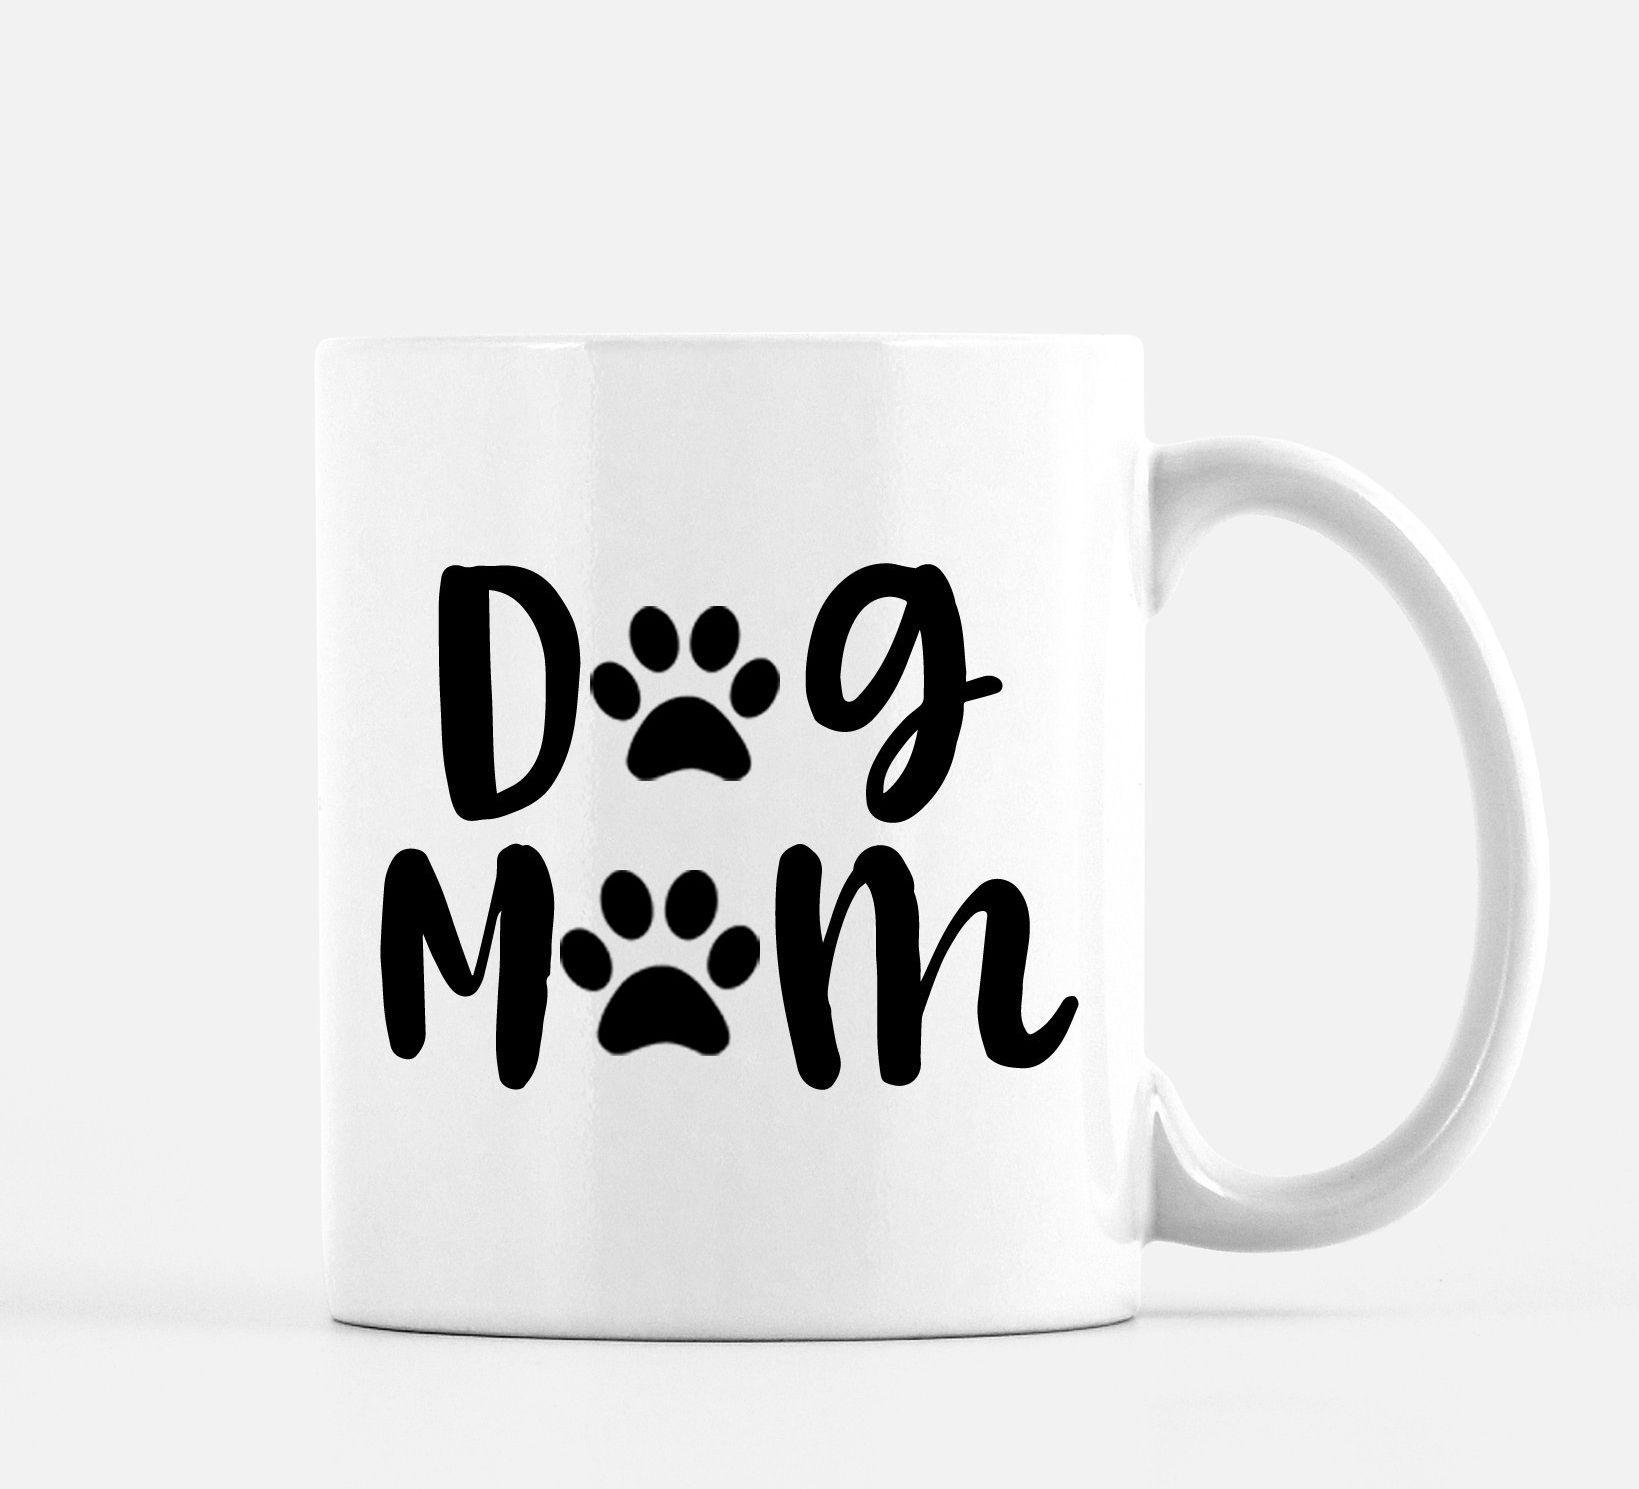 Dog mom coffee mug etsy mom coffee mugs dog mom